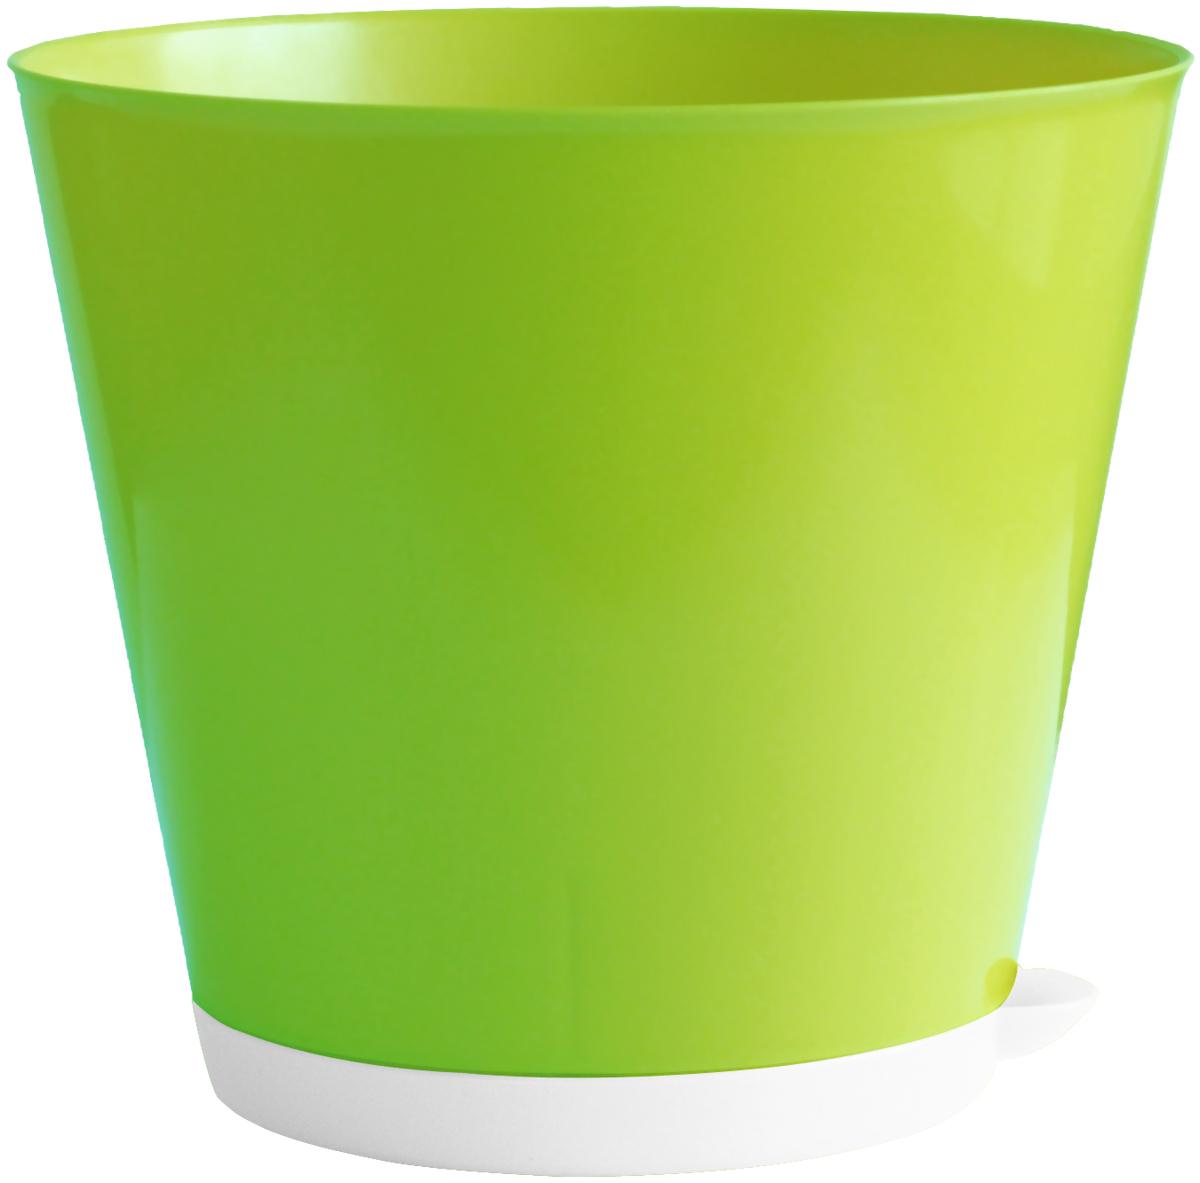 Горшок для цветов InGreen Крит, с системой прикорневого полива, цвет: салатовый, диаметр 20 смZ-0307Горшок InGreen Крит, выполненный из высококачественного пластика, предназначен для выращивания комнатных цветов, растений и трав. Специальная конструкция обеспечивает вентиляцию в корневой системе растения, а дренажные отверстия позволяют выходить лишней влаге из почвы. Крепежные отверстия и штыри прочно крепят подставку к горшку. Прикорневой полив растения осуществляется через удобный носик. Система прикорневого полива позволяет оставлять комнатное растение без внимания тем, кто часто находится в командировках или собирается в отпуск и не имеет возможности вовремя поливать цветы.Такой горшок порадует вас современным дизайном и функциональностью, а также оригинально украсит интерьер любого помещения. Диаметр горшка (по верхнему краю): 20 см.Высота горшка: 18,2 см. Объем горшка: 3,6 л.